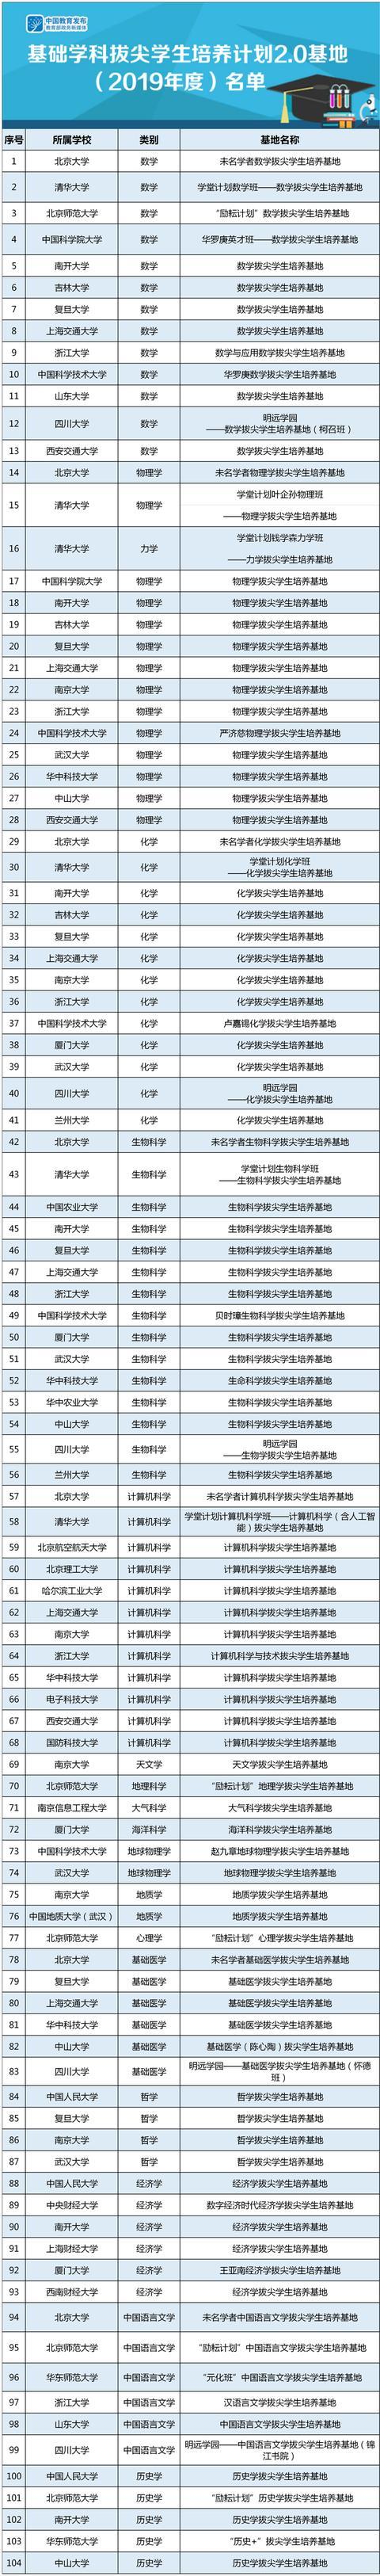 首批!基础学科拔尖学生培养计划2.0基地名单公布【www.smxdc.net】